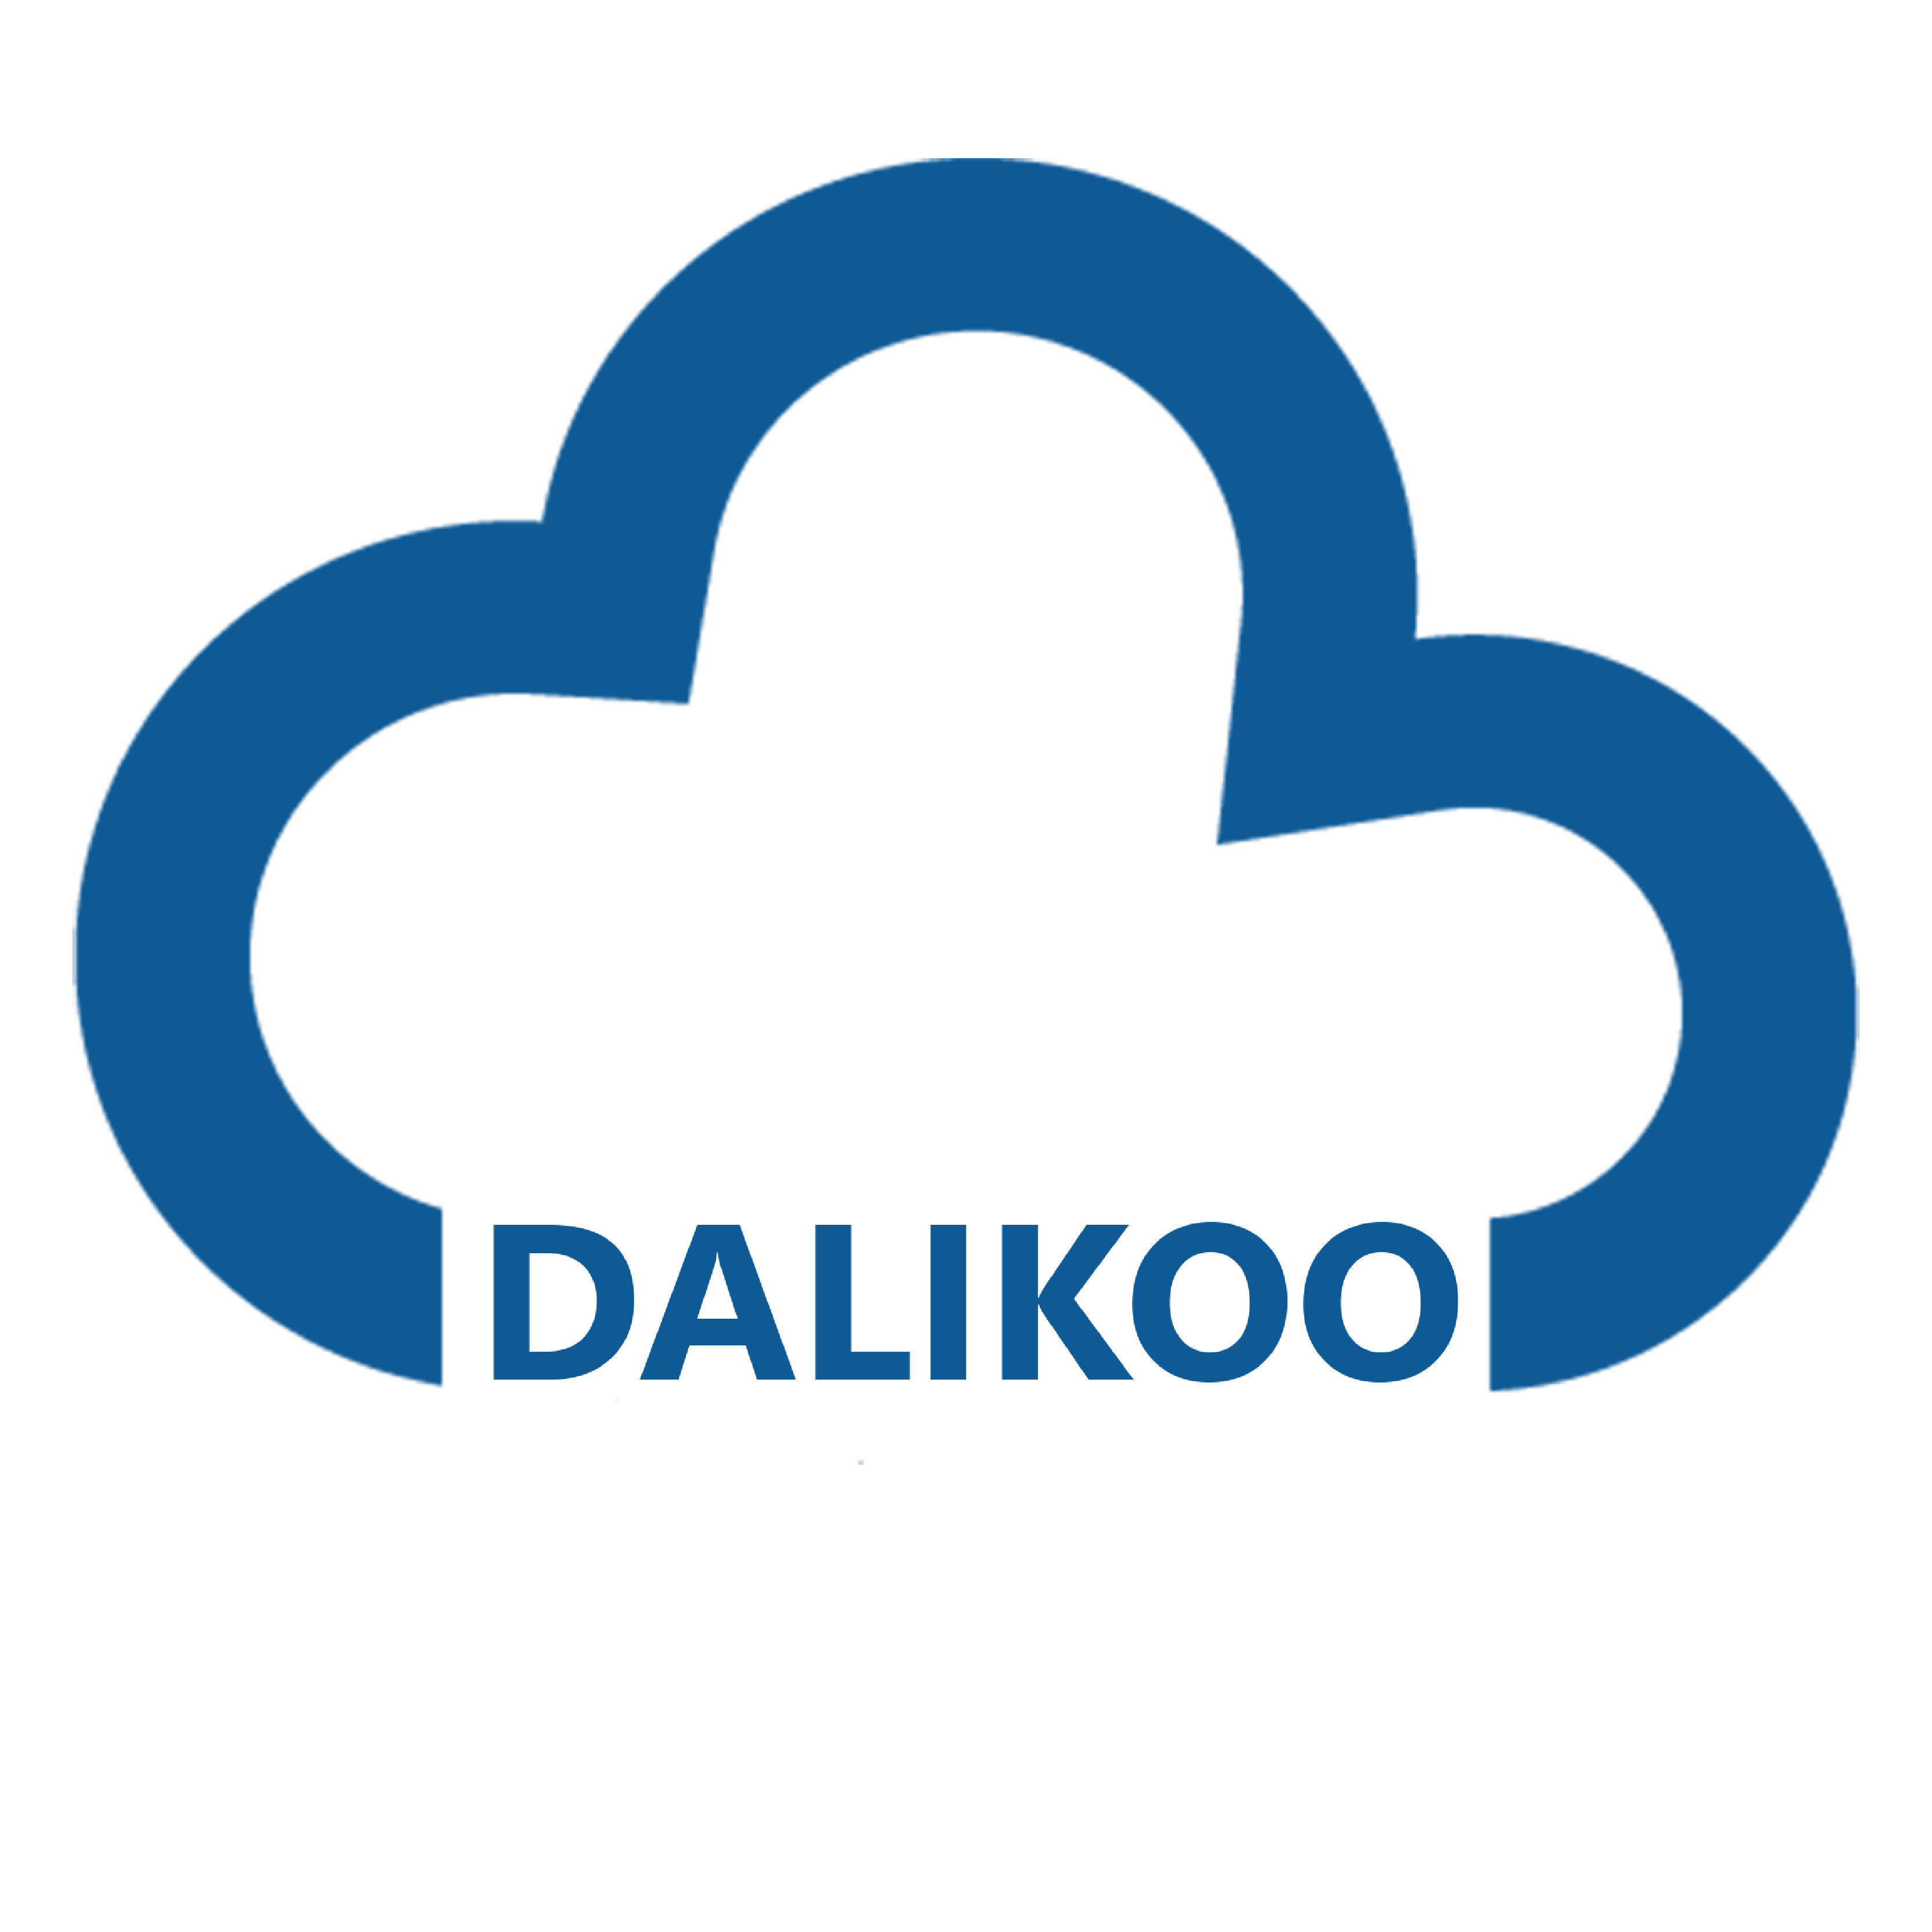 DALIKOO